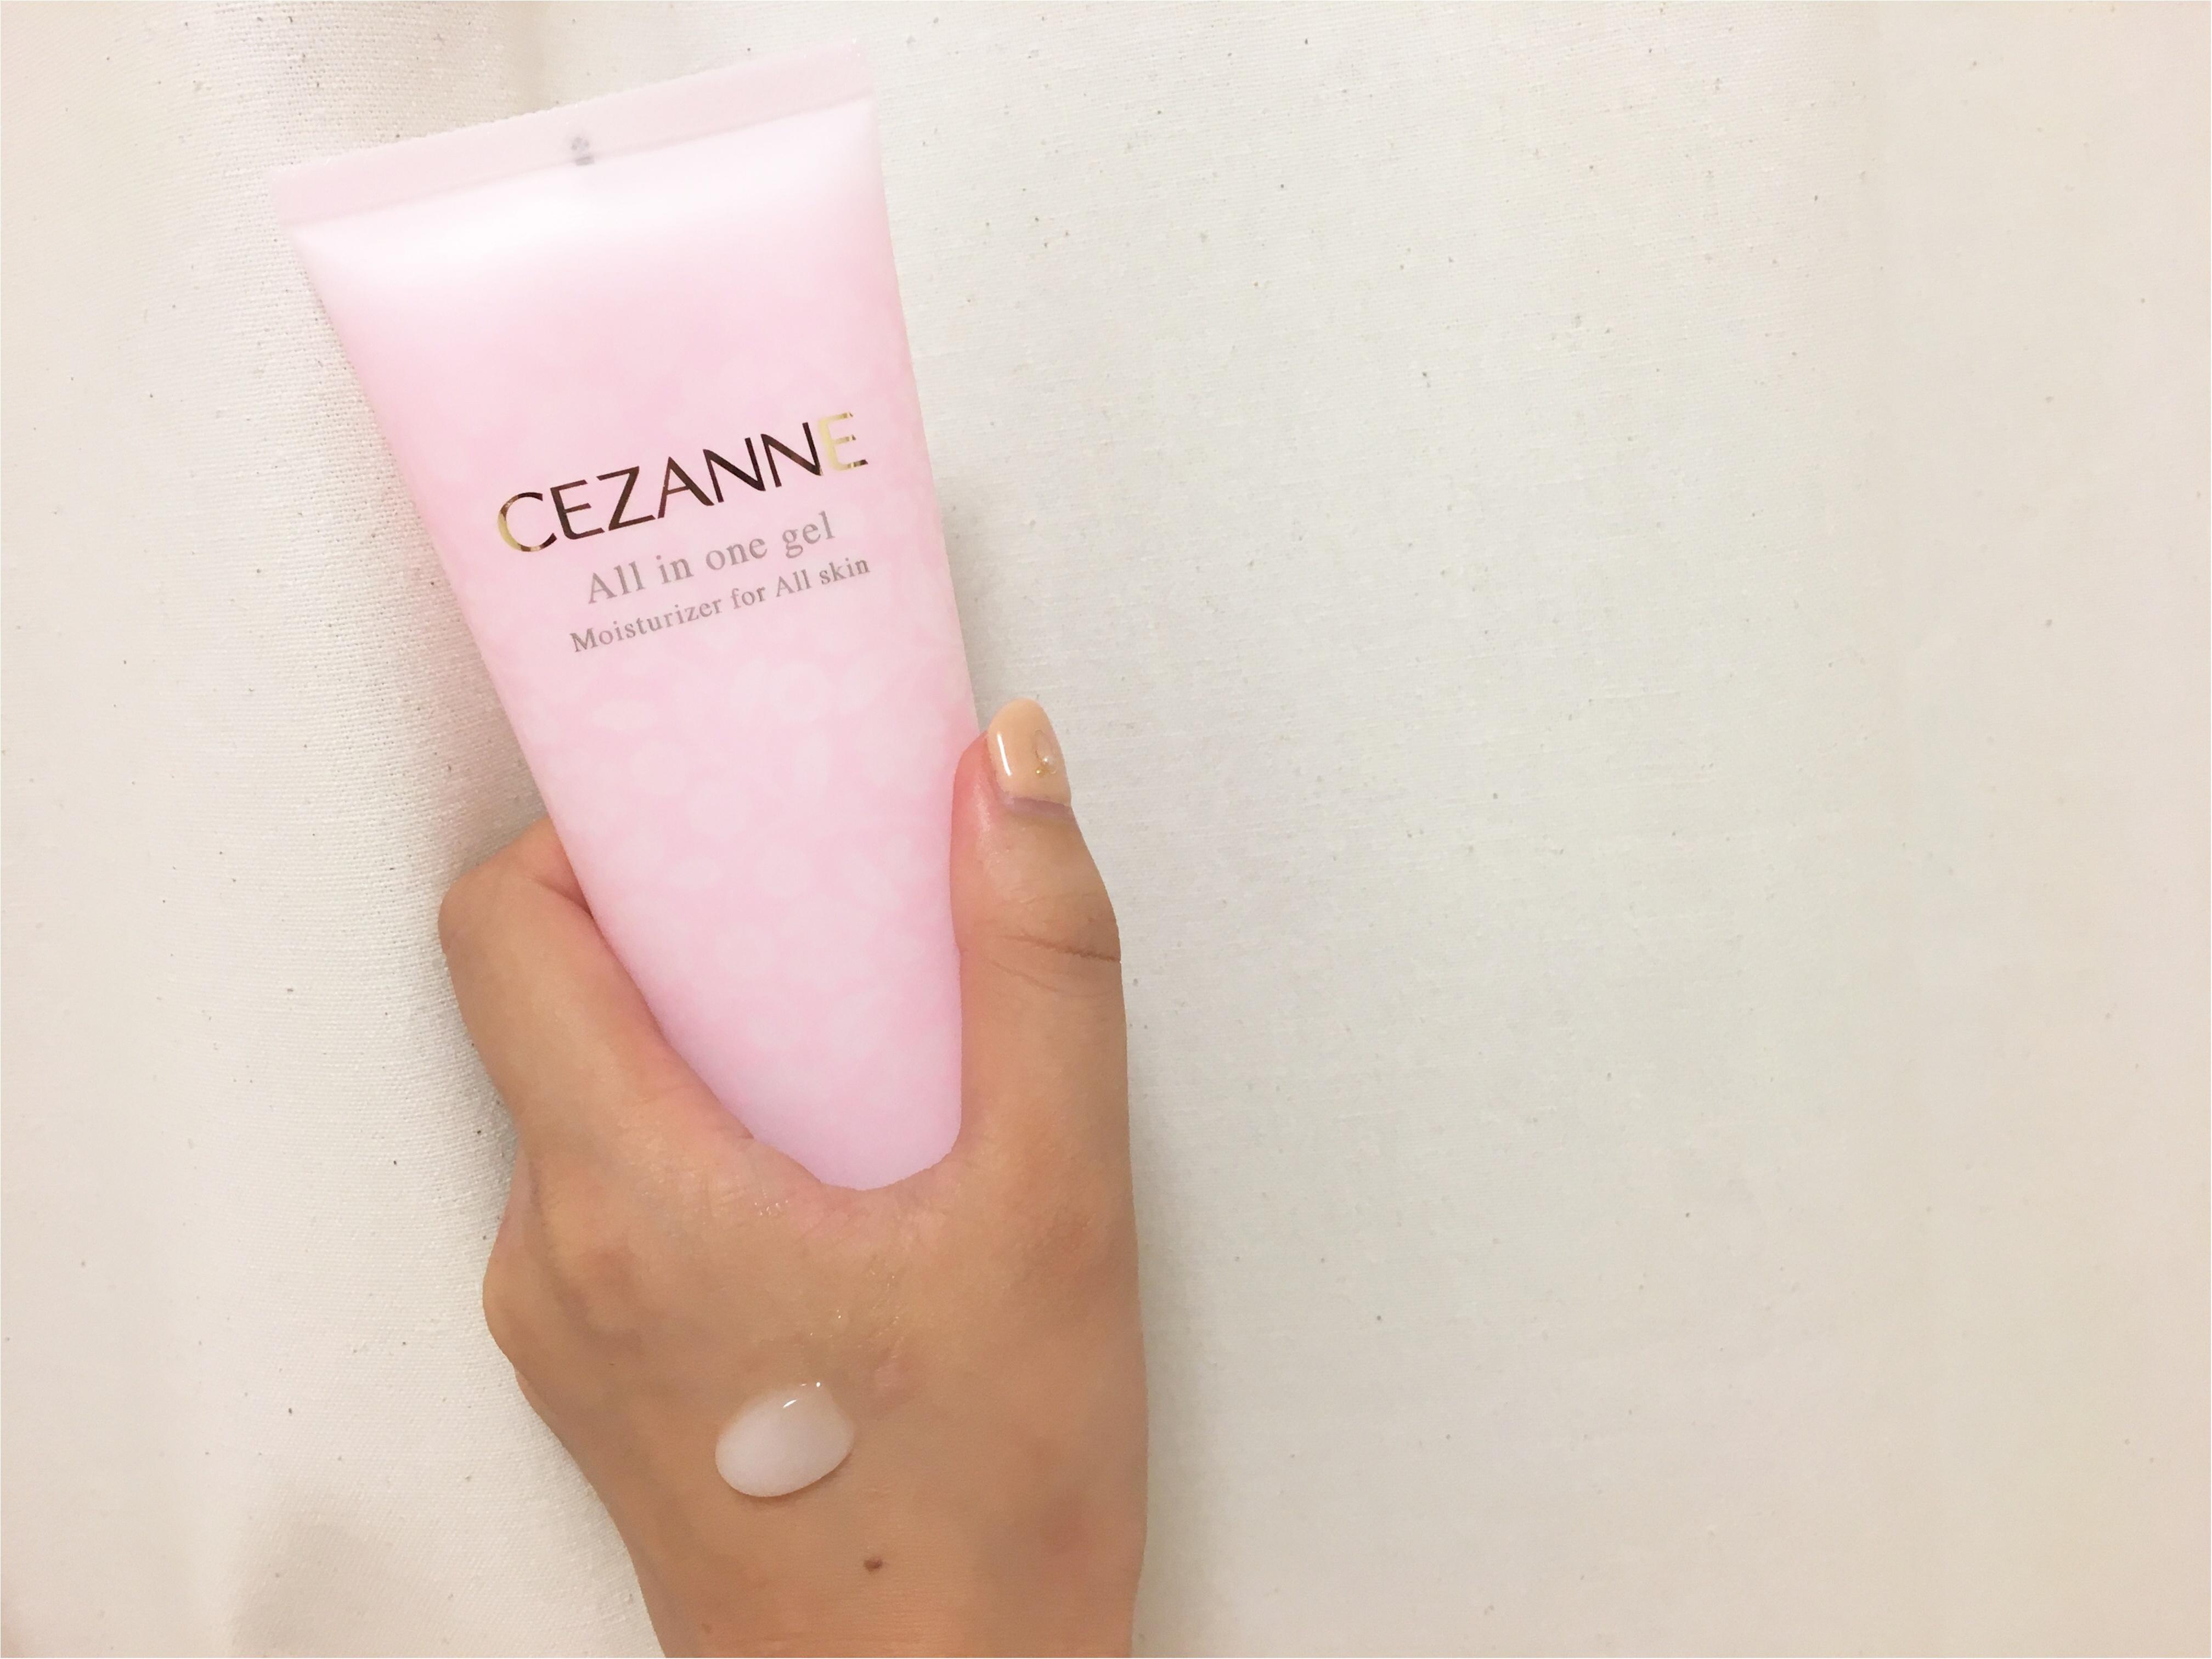 【CEZANNE】セザンヌから珍しいチューブ型のオールインワンジェルが登場♡_2